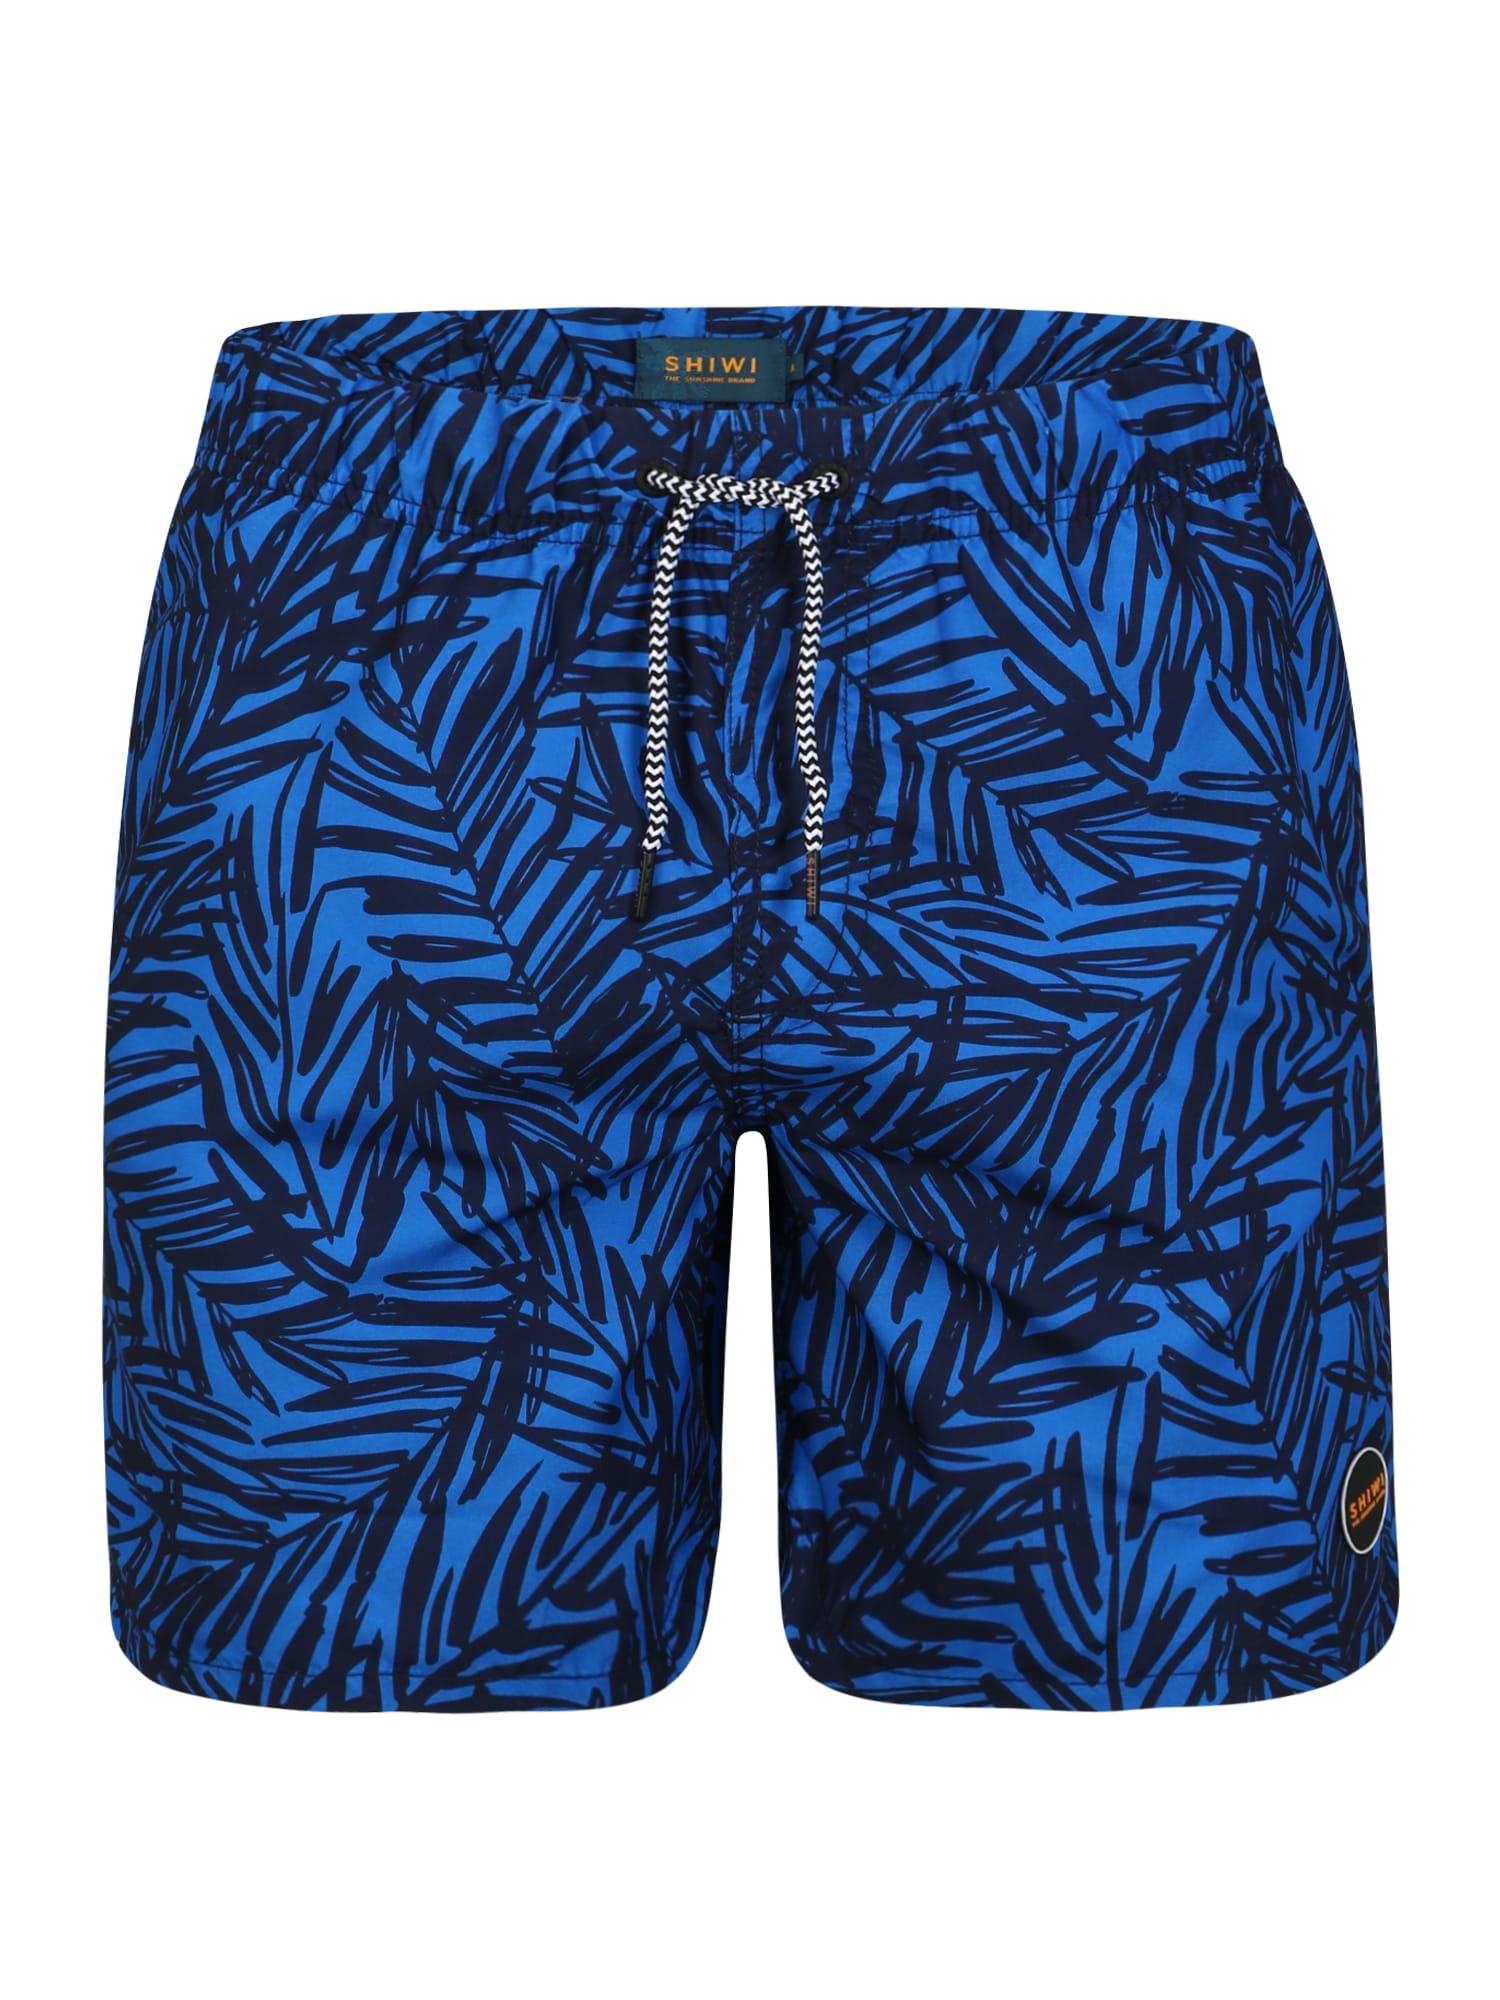 Shiwi Plavecké šortky 'Mangrove'  námornícka modrá